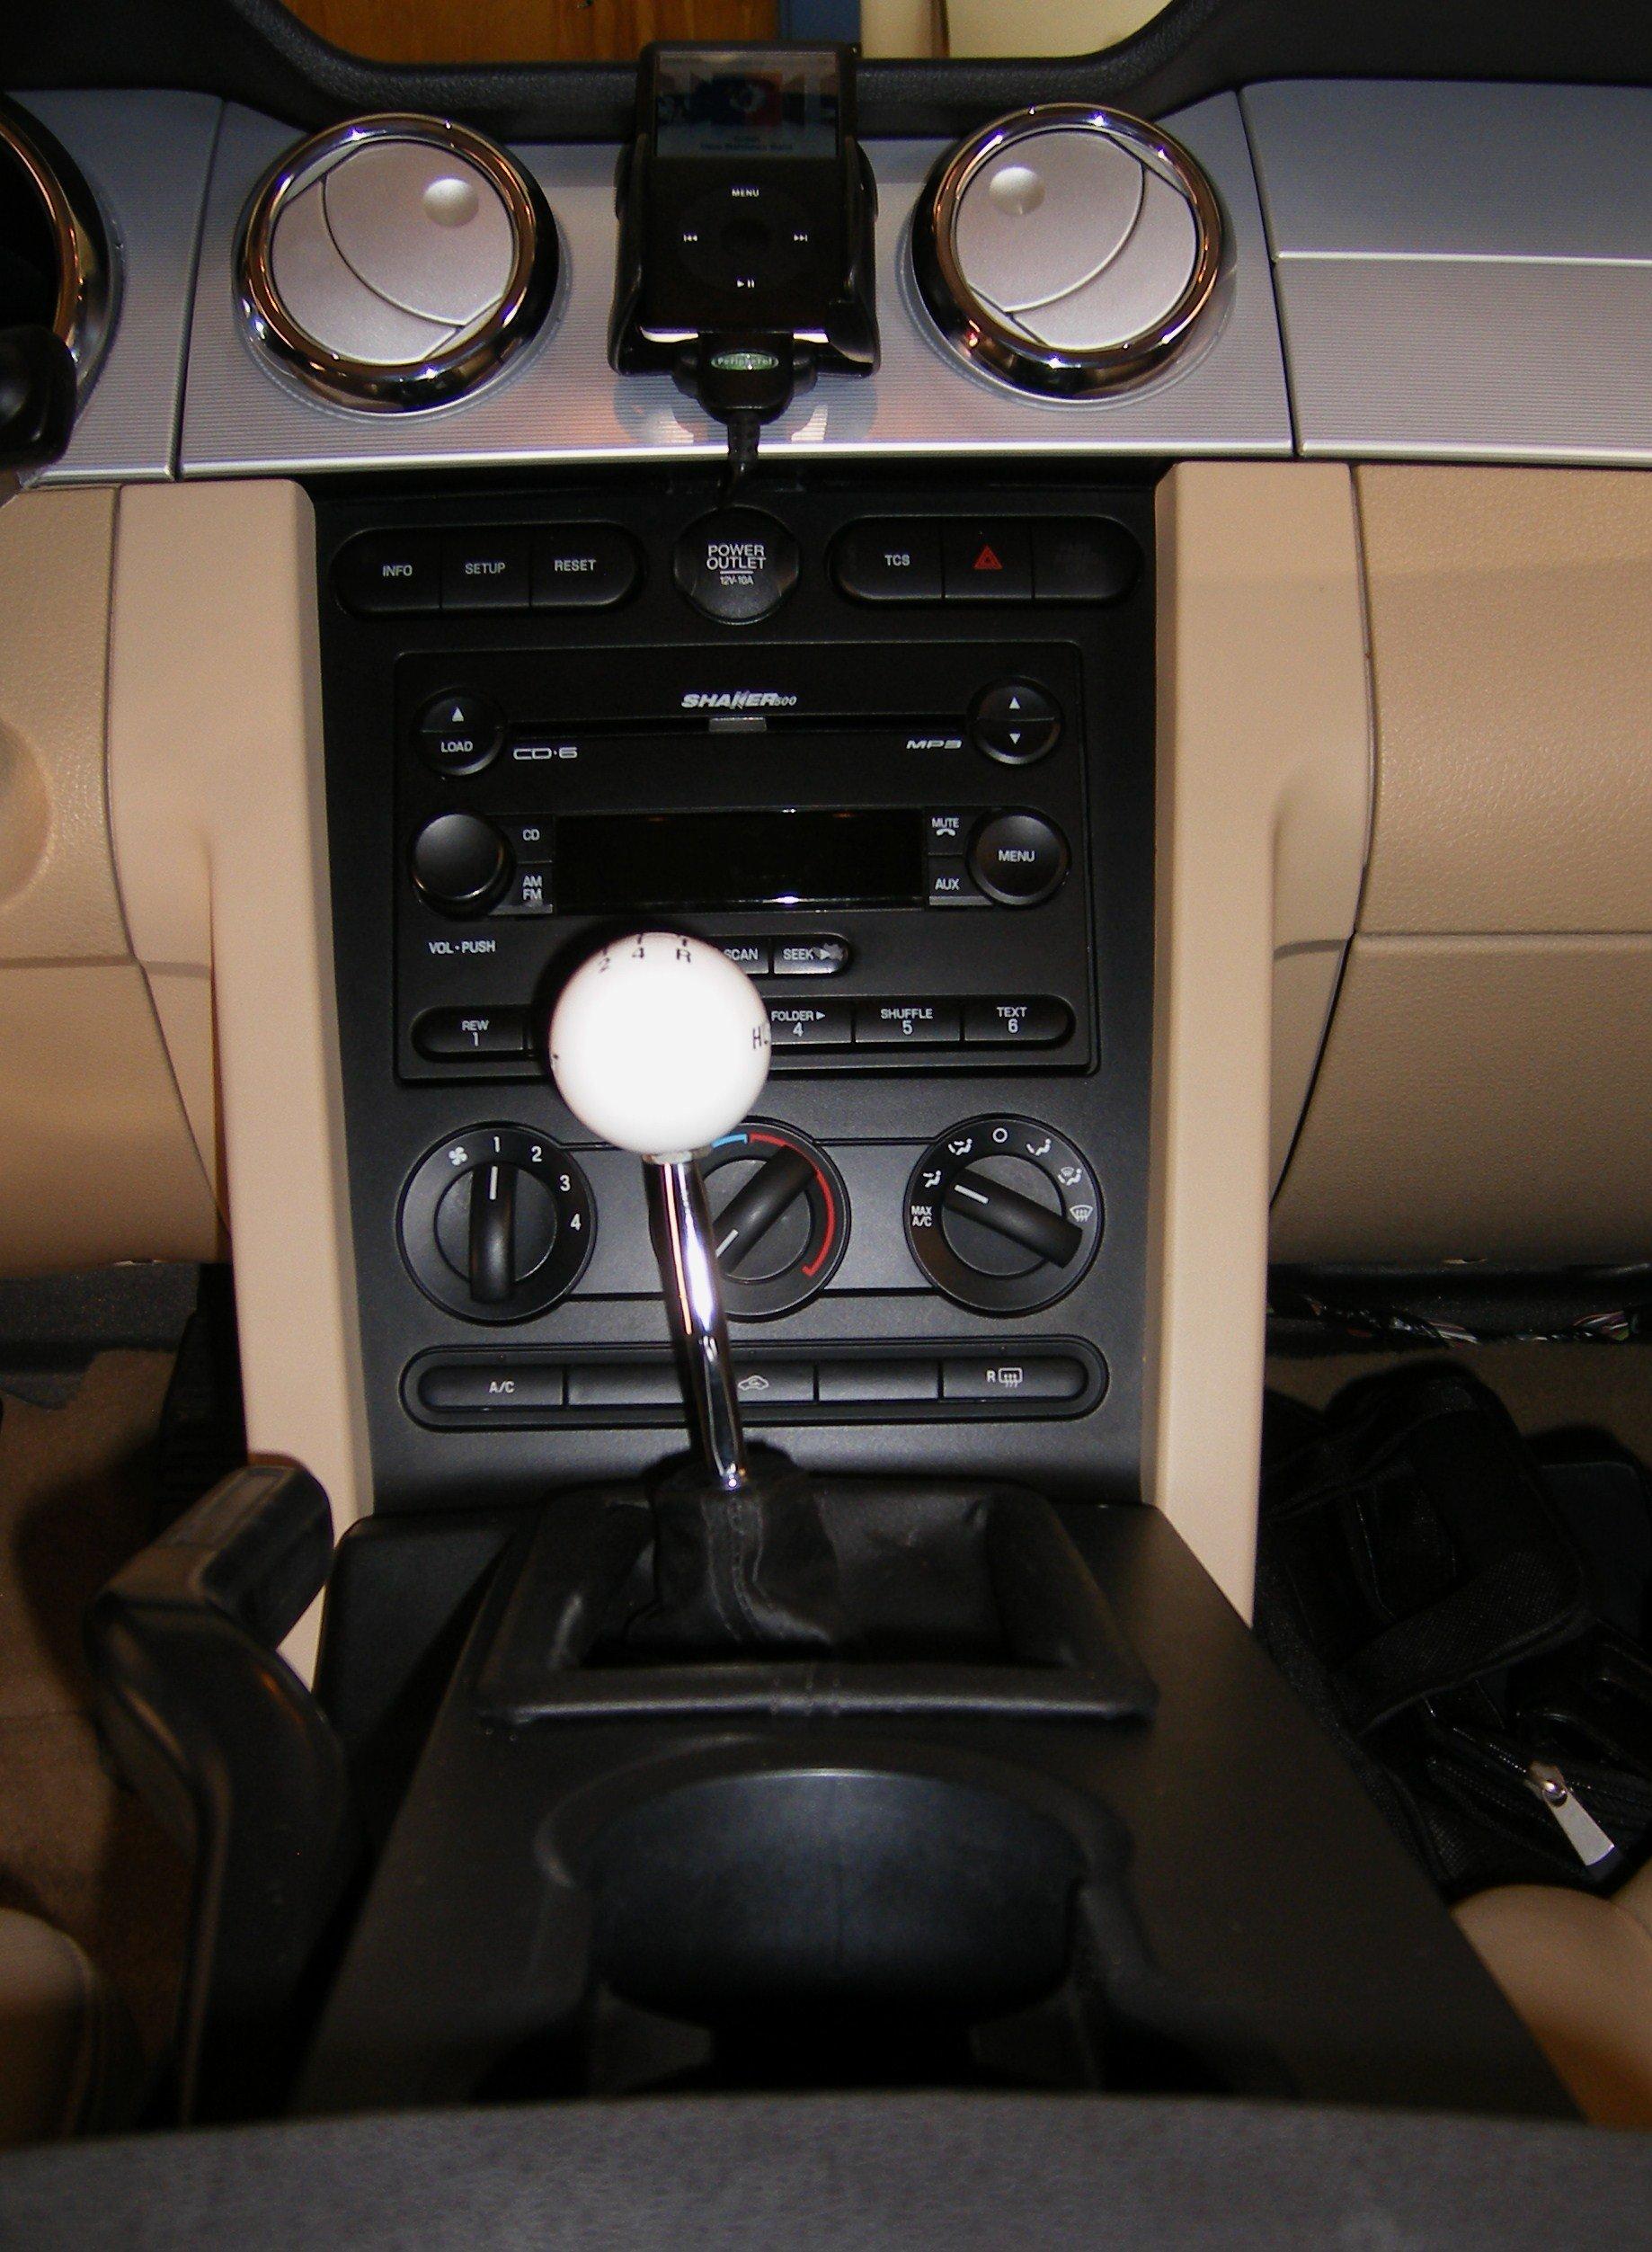 Stock Ipod Connector For 2006 Shaker 500 Hurst Shifter2 Jpg